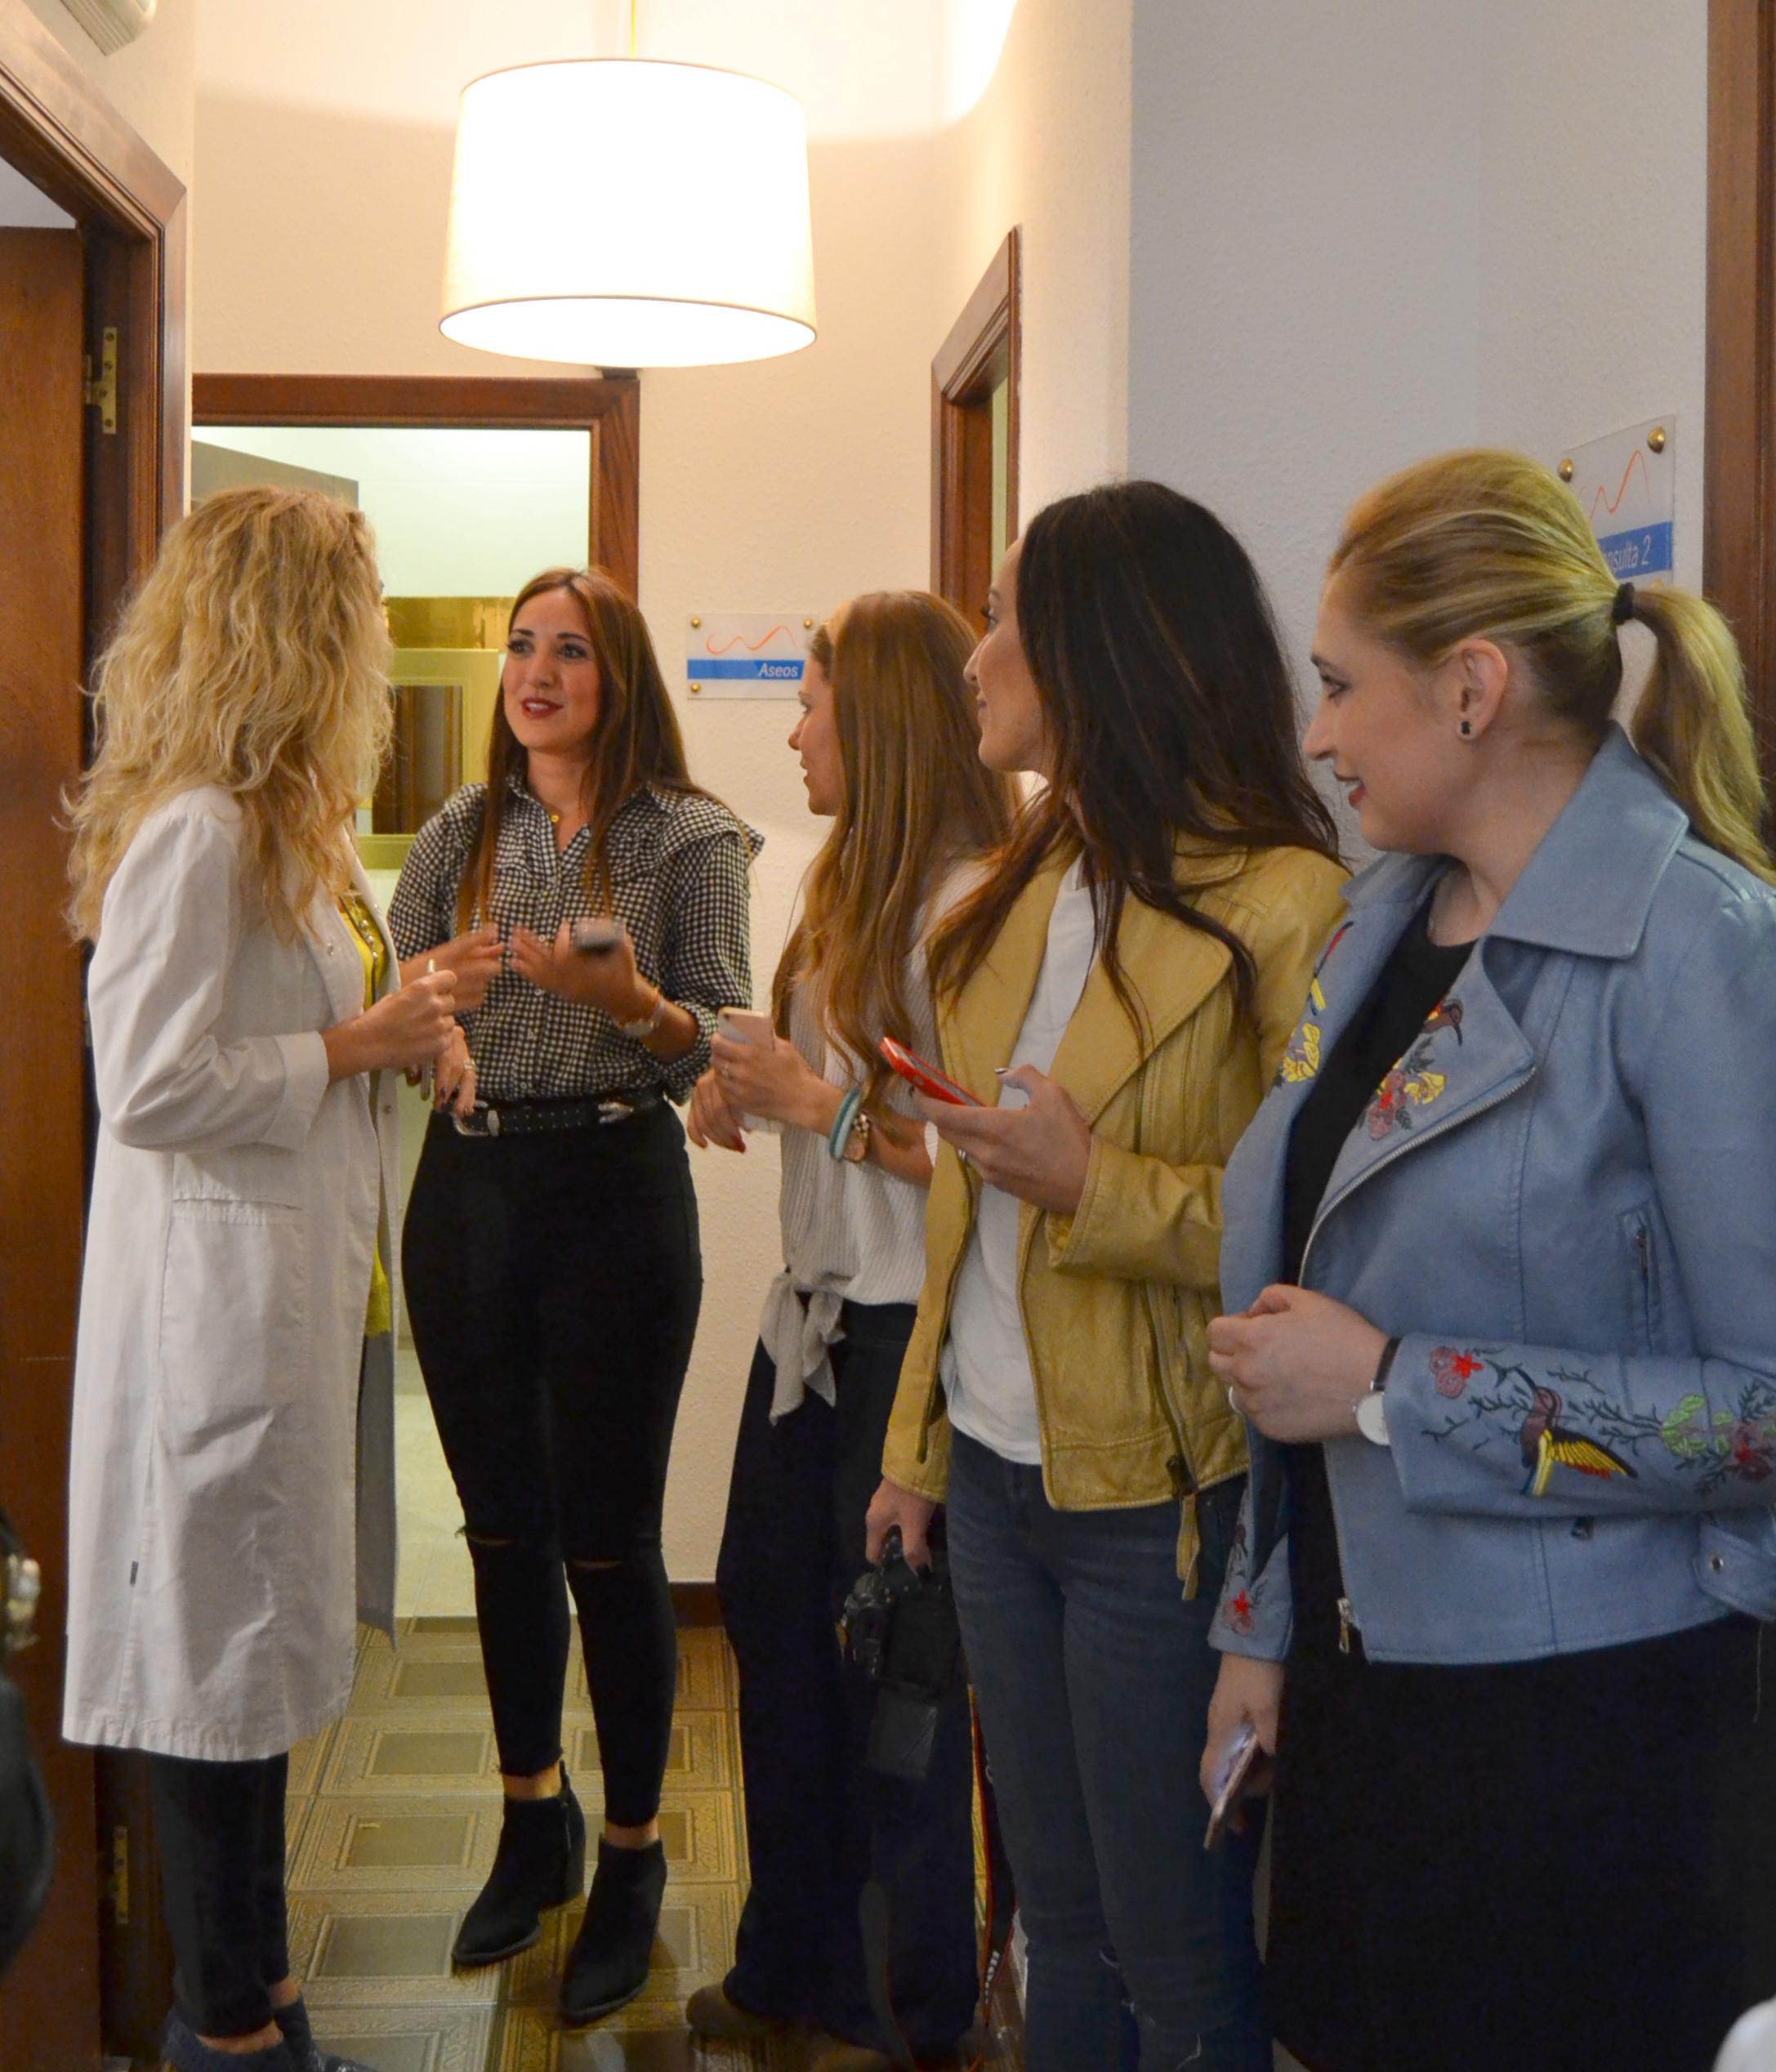 evento-clinica-marest-influencers (16).JPG